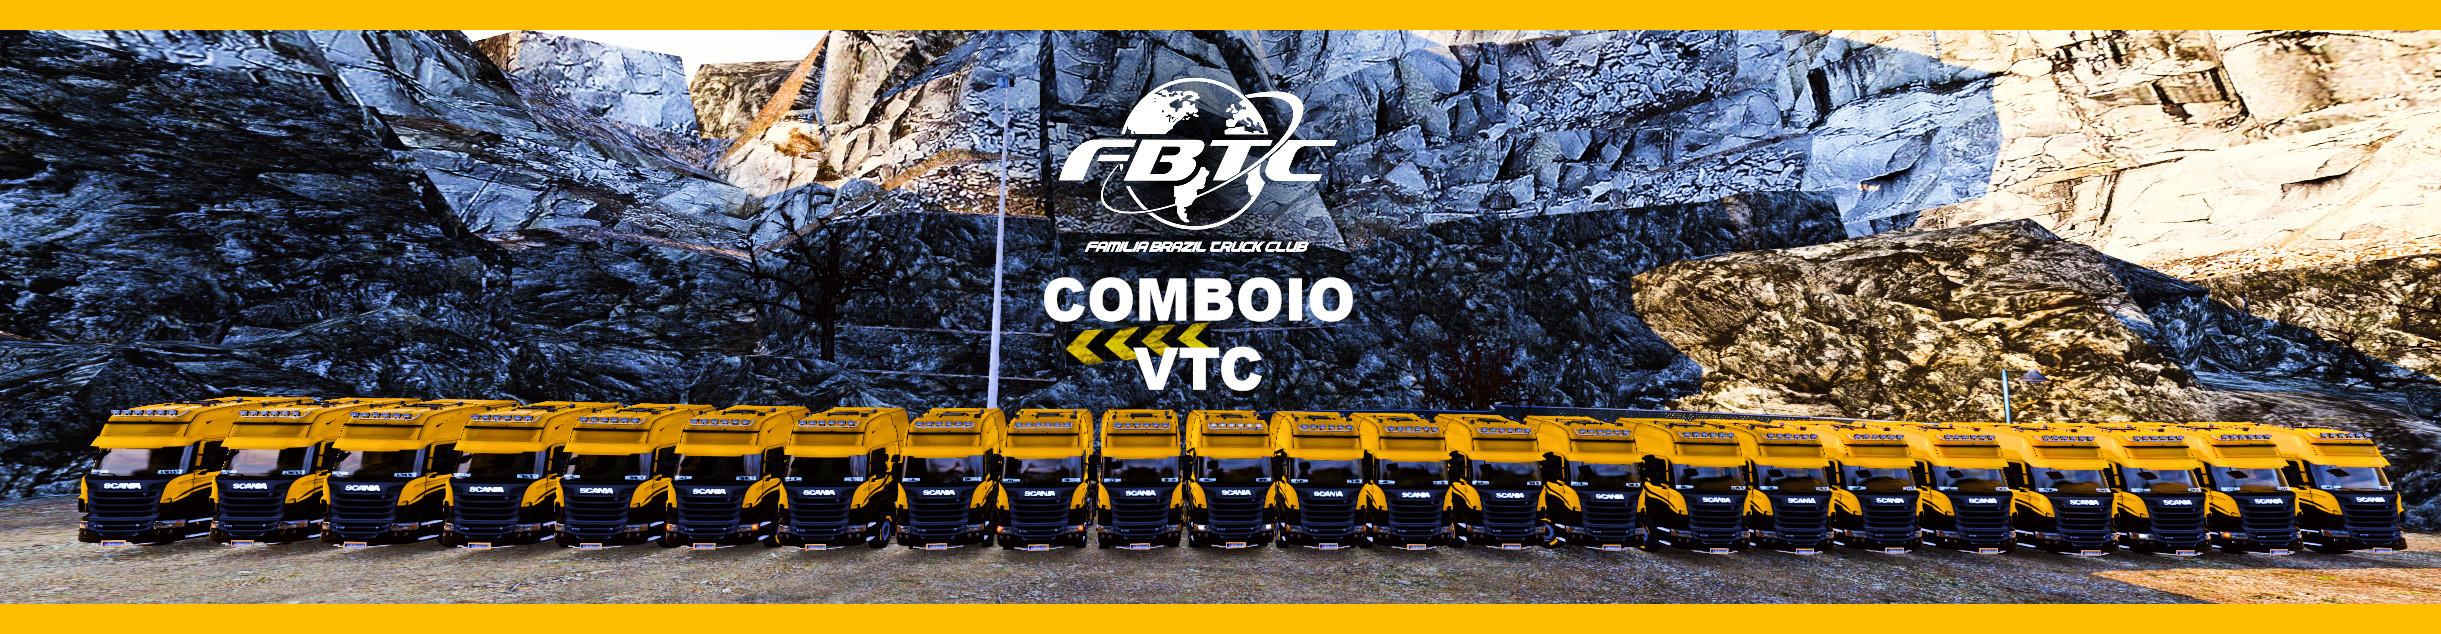 FBTC - COMBOIO VTC PÚBLICO